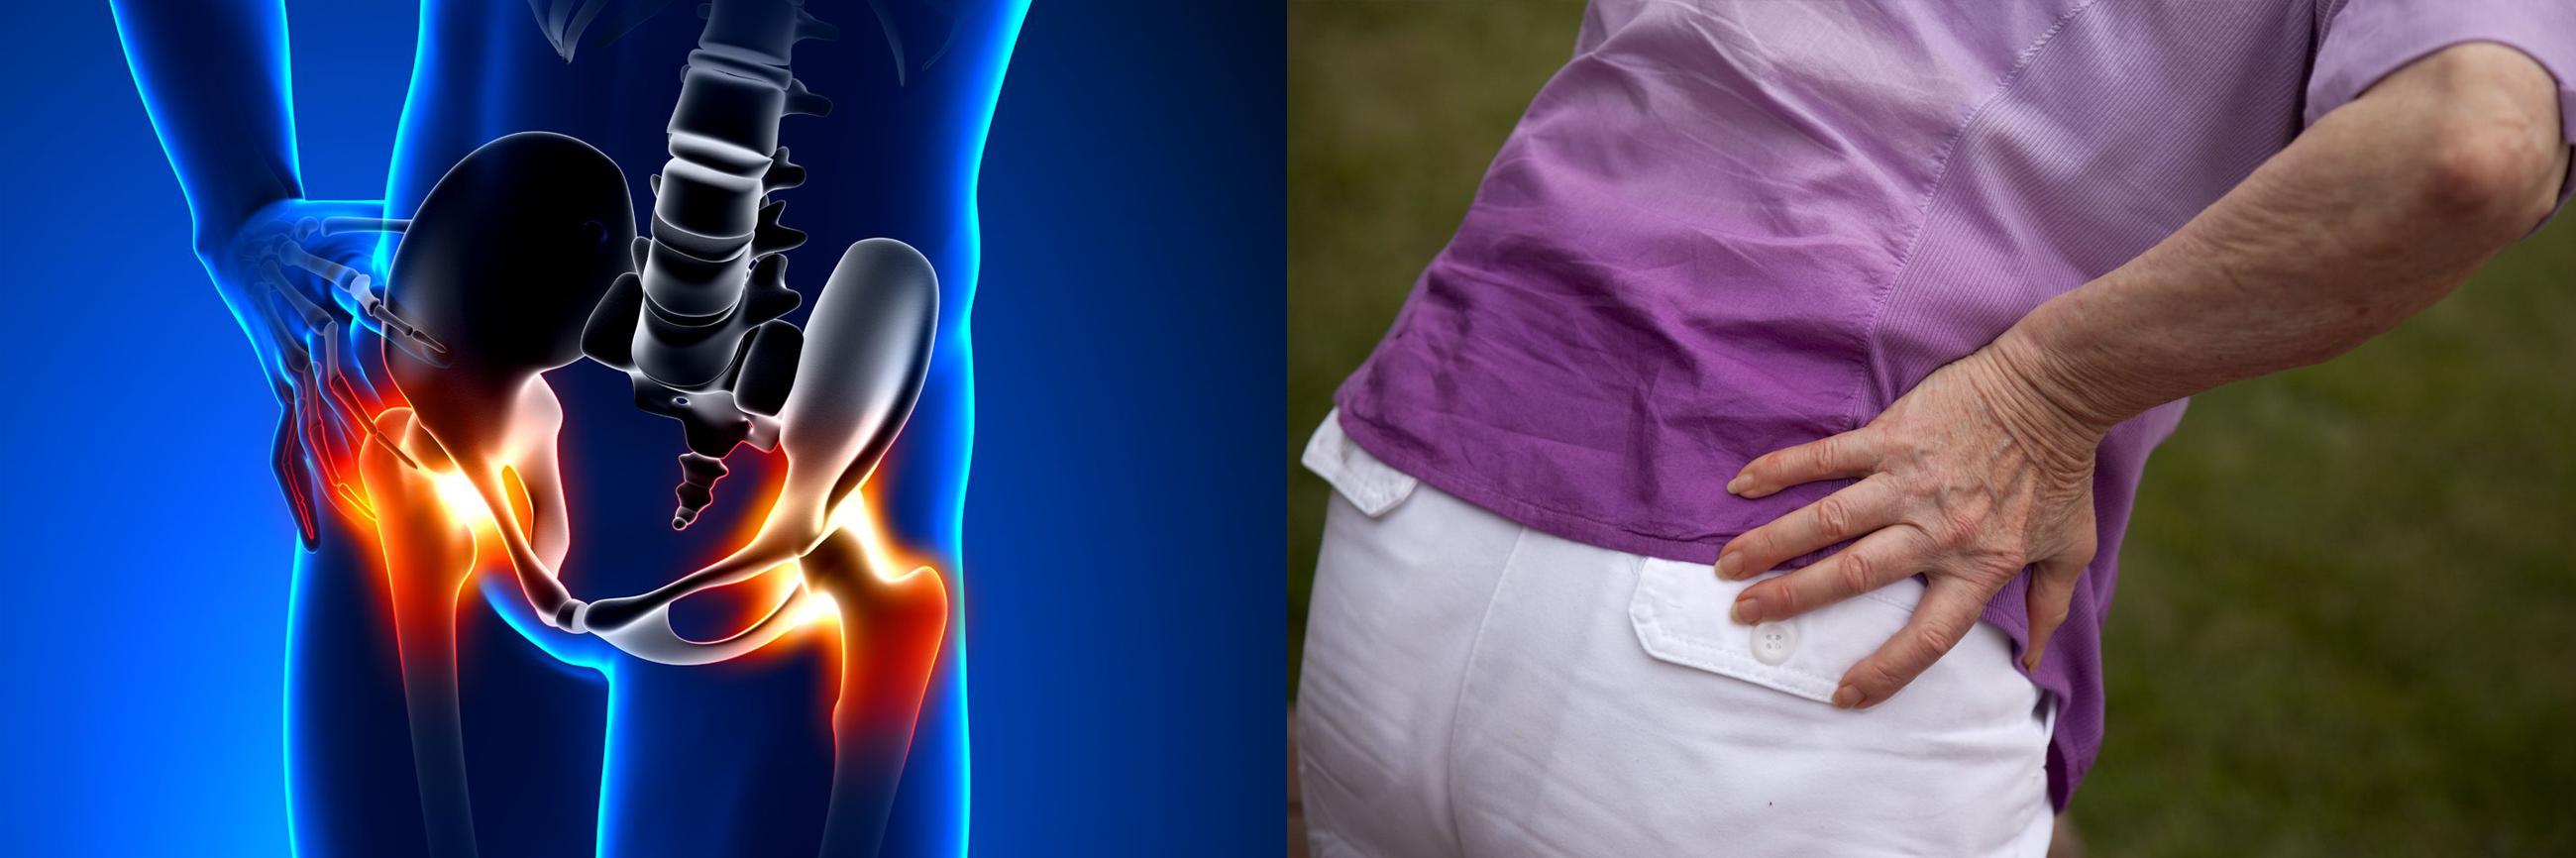 csípőízületi betegség